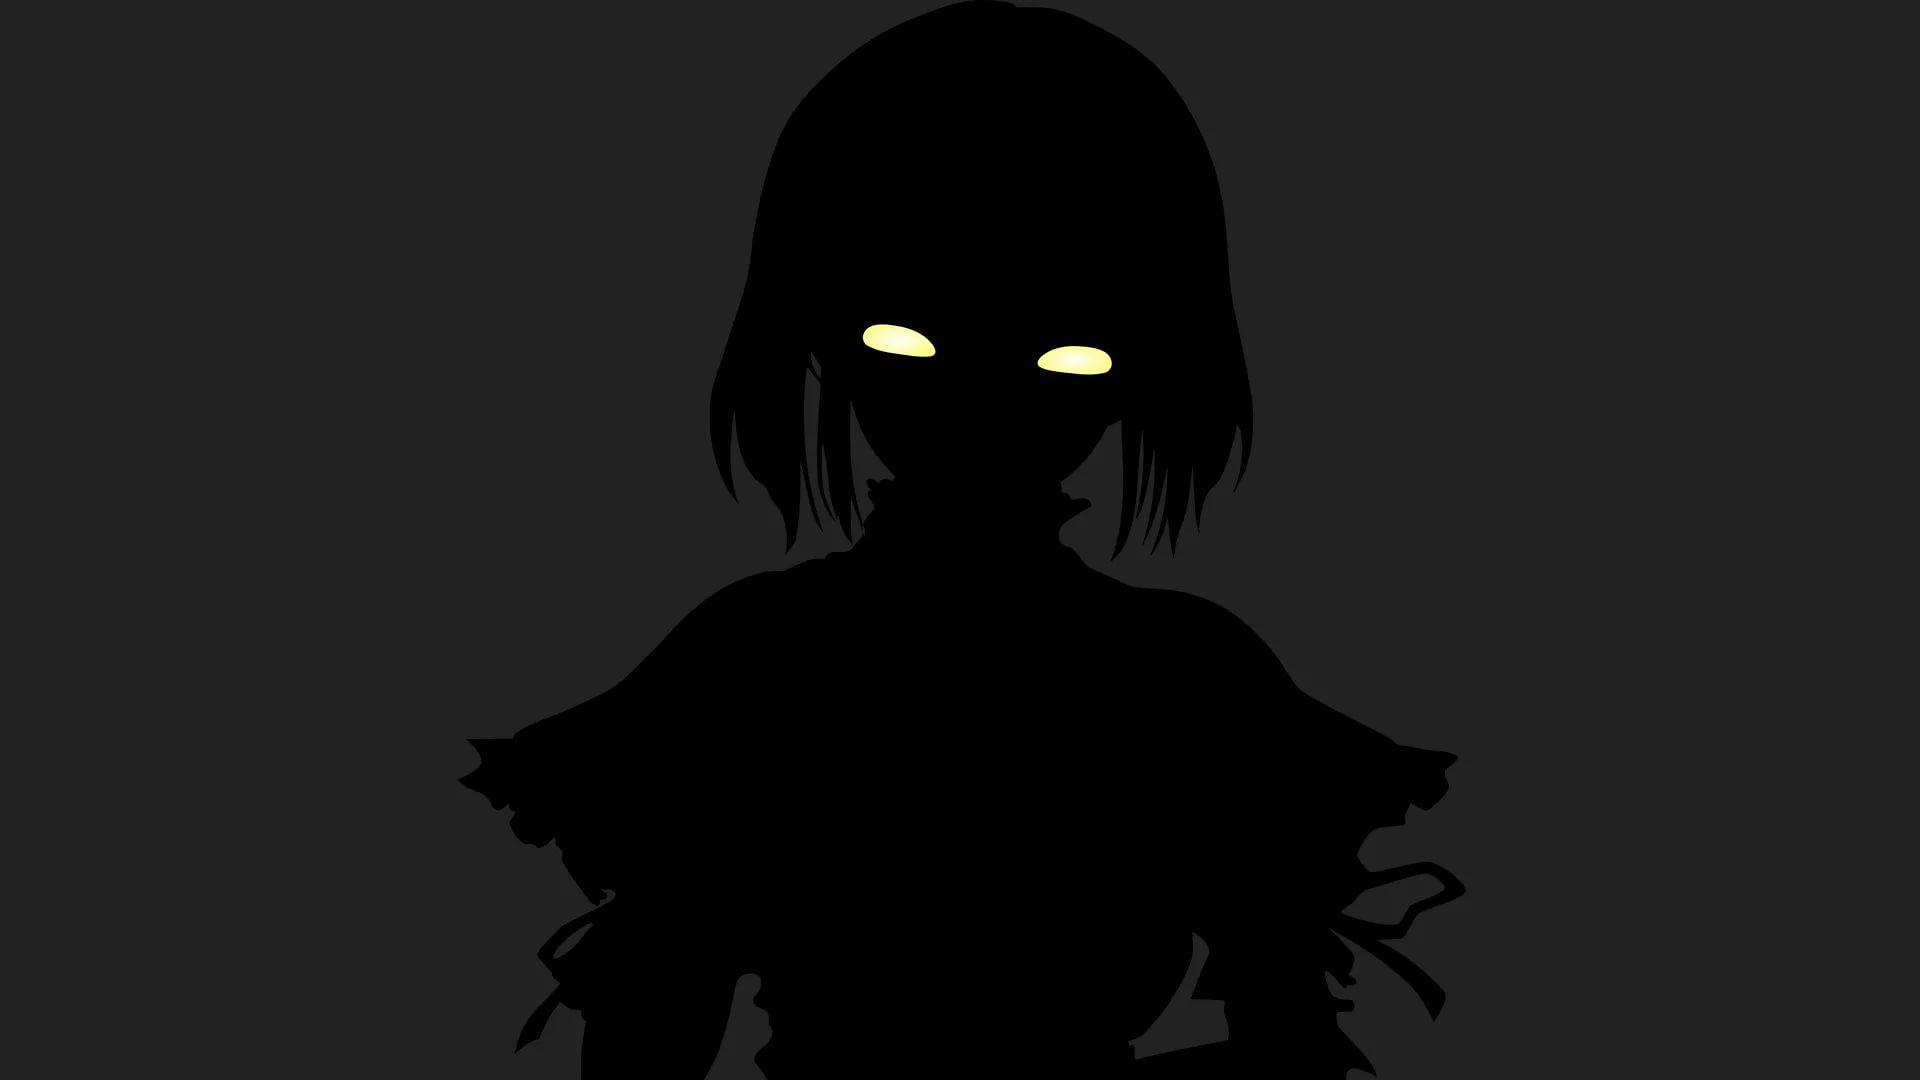 Hình nền anime đen trắng mỹ nữ nguy hiểm